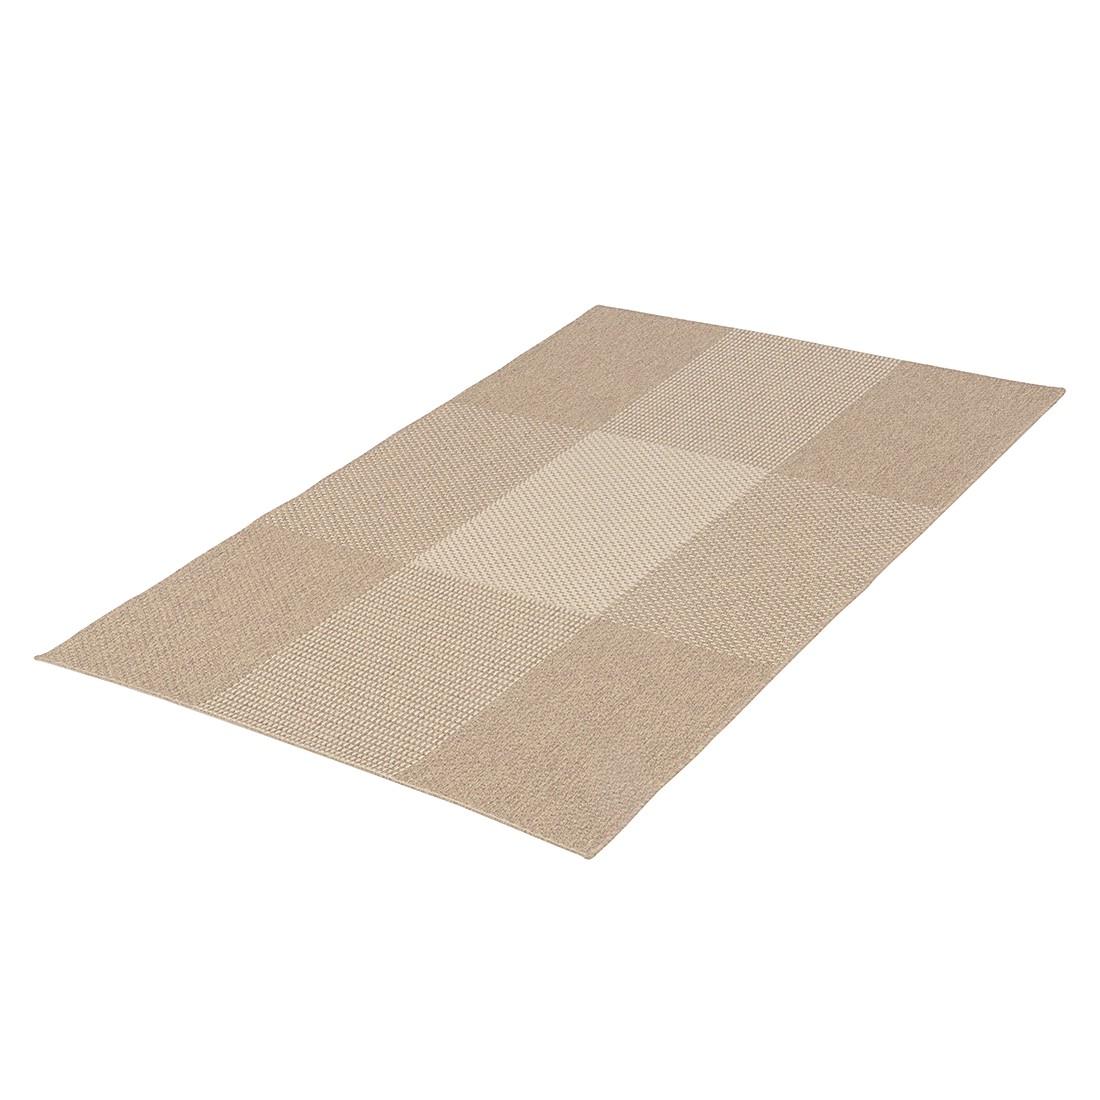 teppich flachgewebe beige 80 x 150 cm home24deko g nstig bestellen. Black Bedroom Furniture Sets. Home Design Ideas